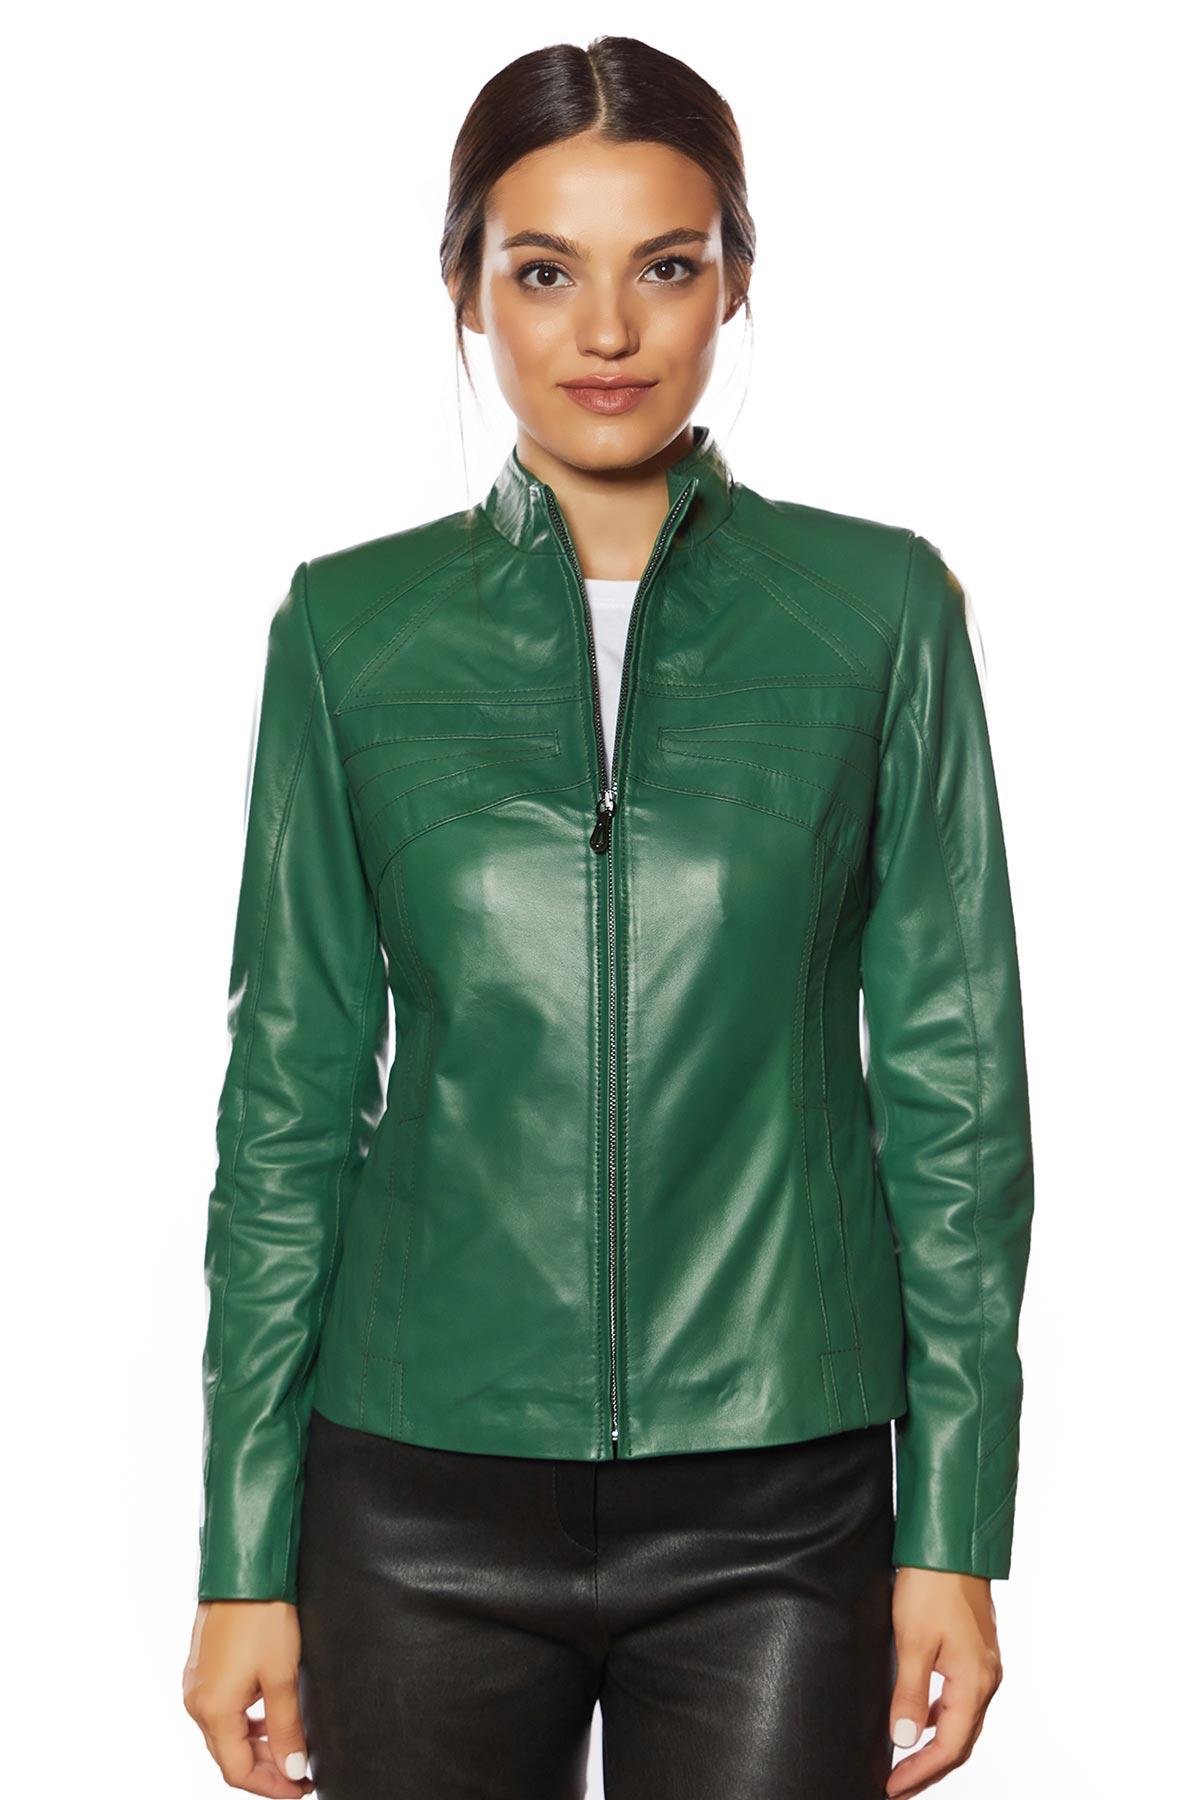 collezione italia leather jacket